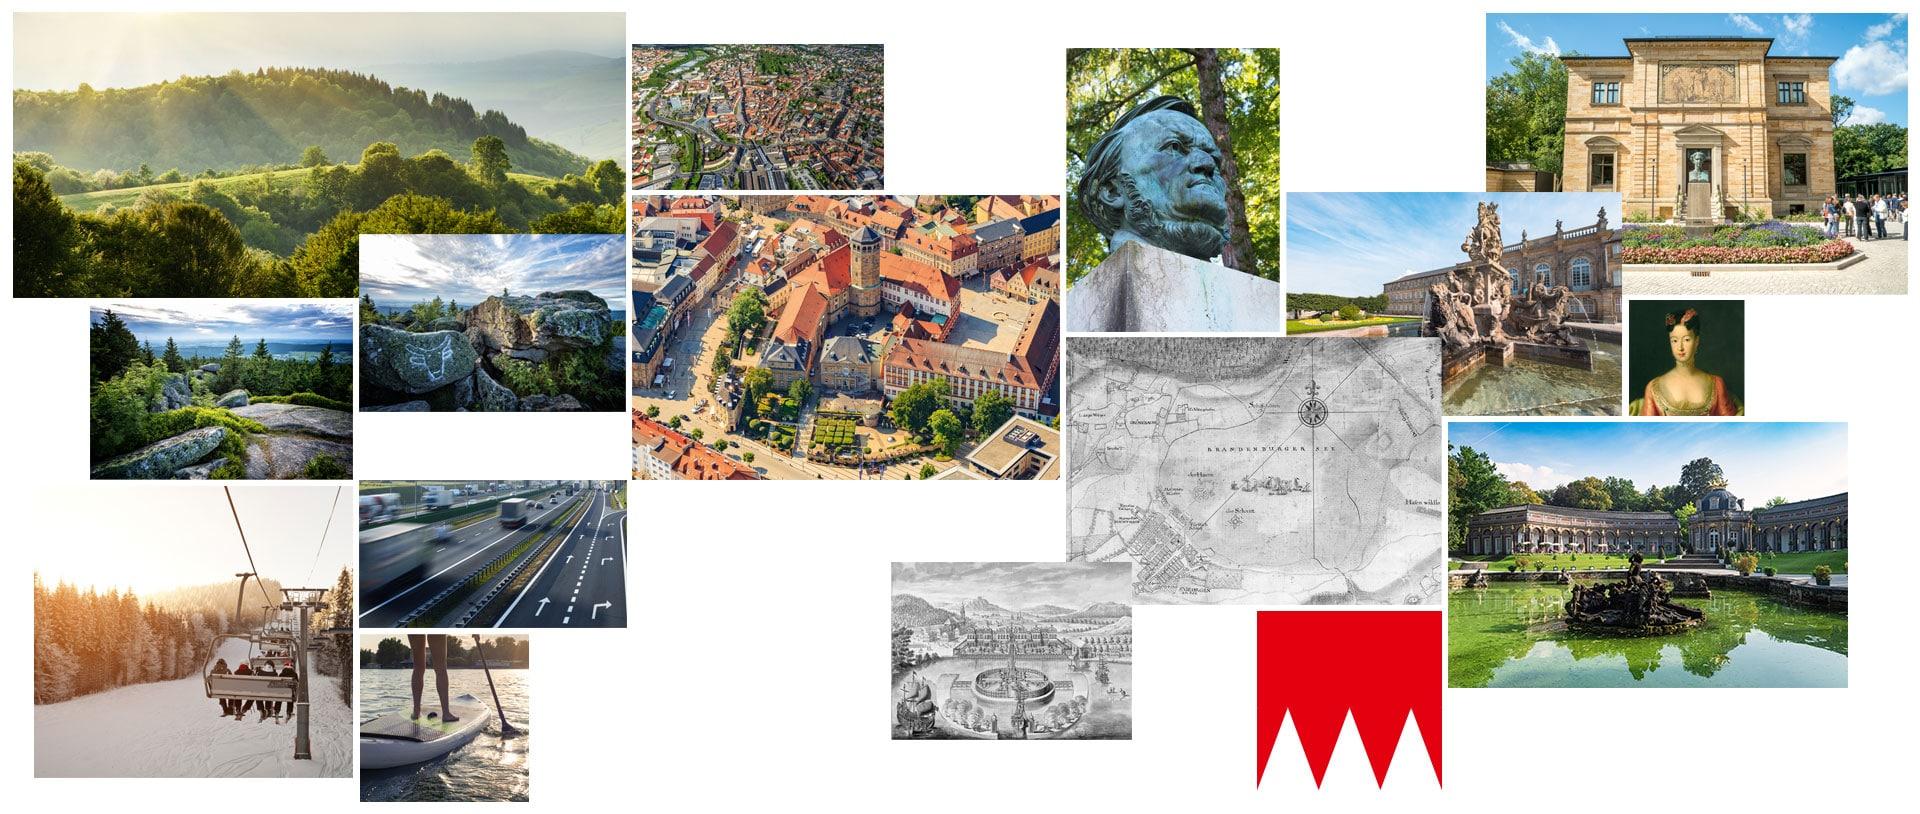 hugo49 | Immobilien in Bayreuth | Kultur und Natur